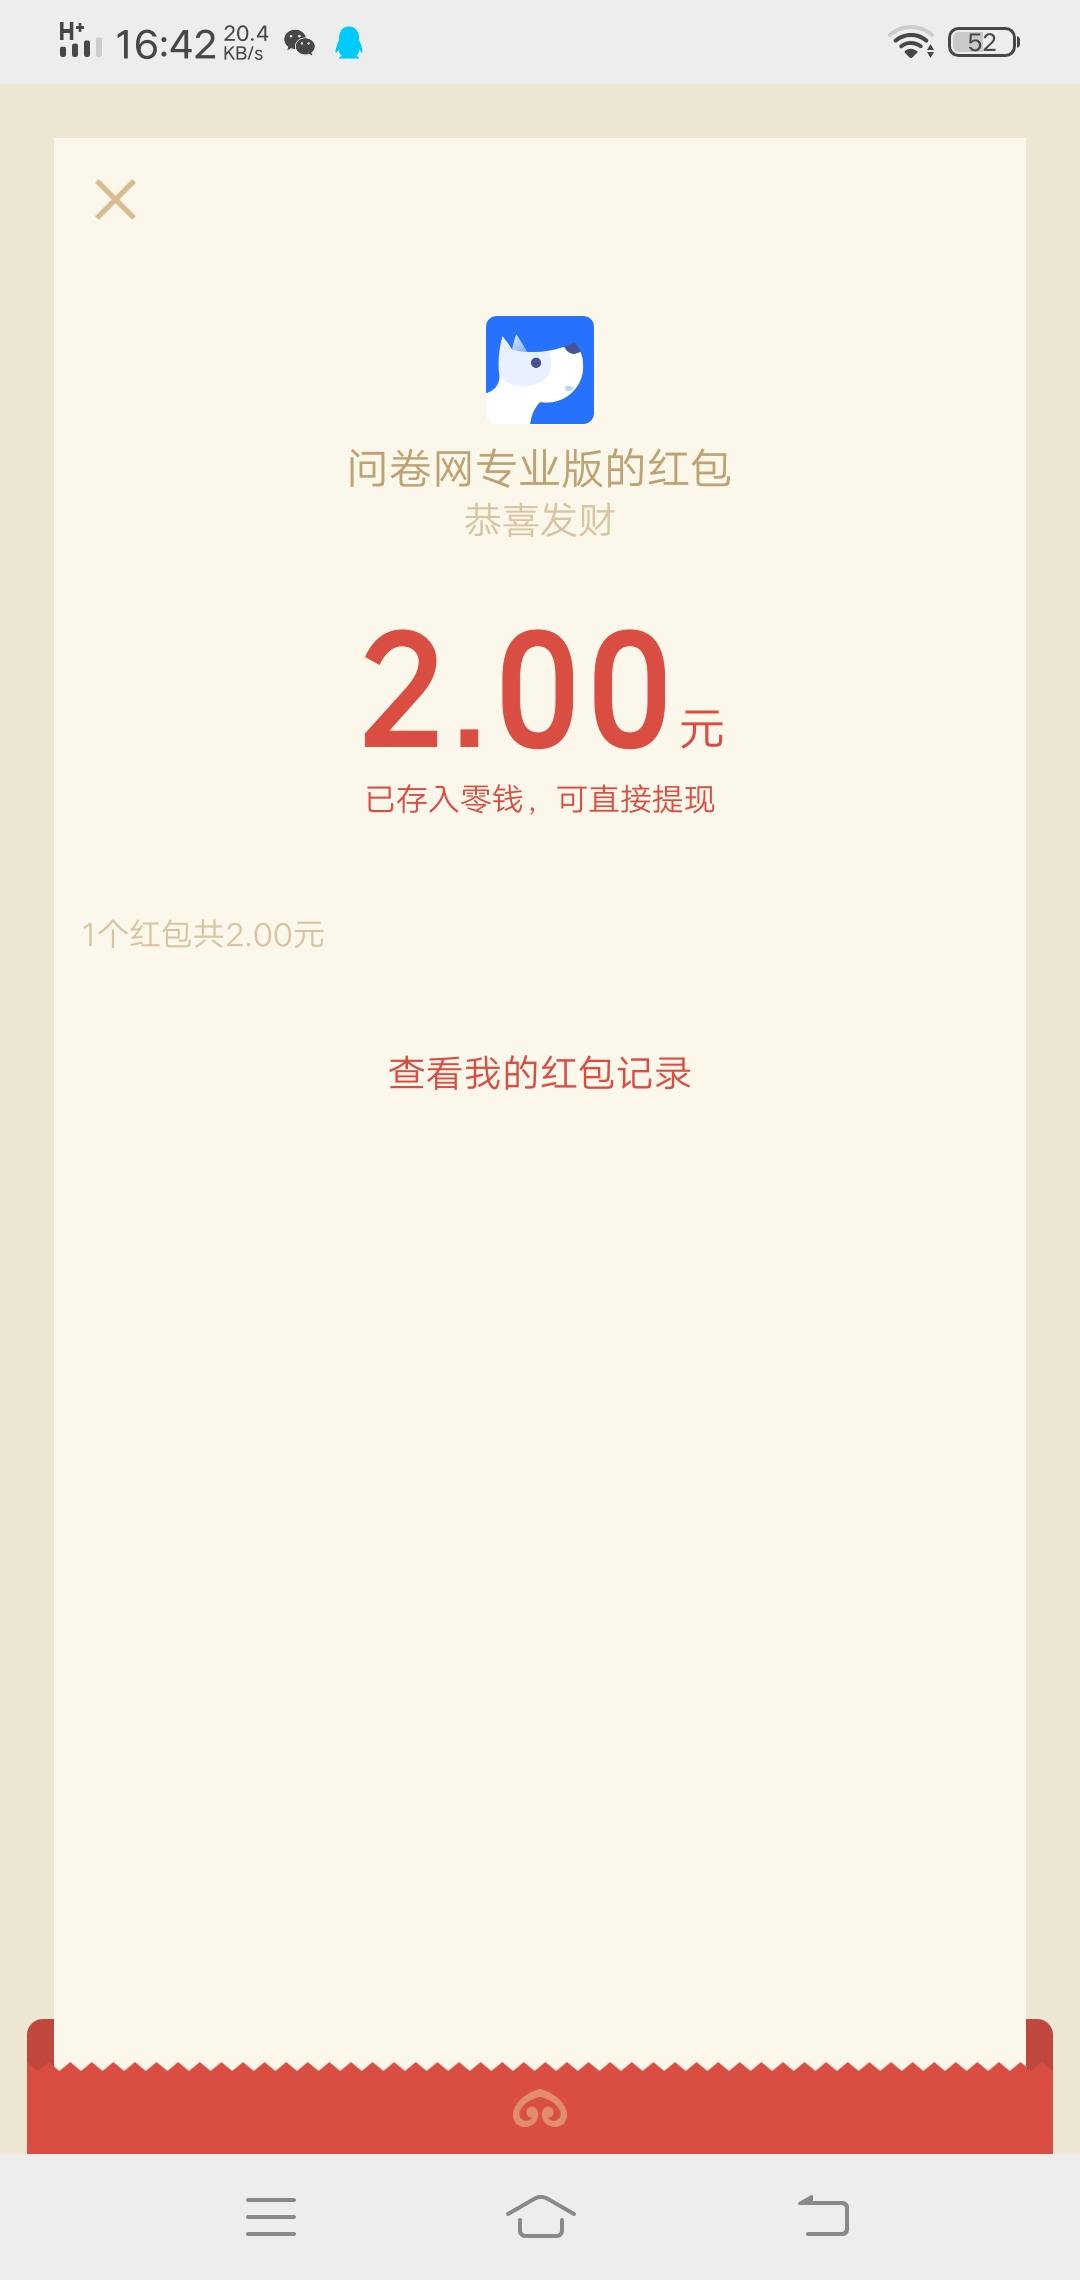 2020年中国公民科学素质抽样调查插图2